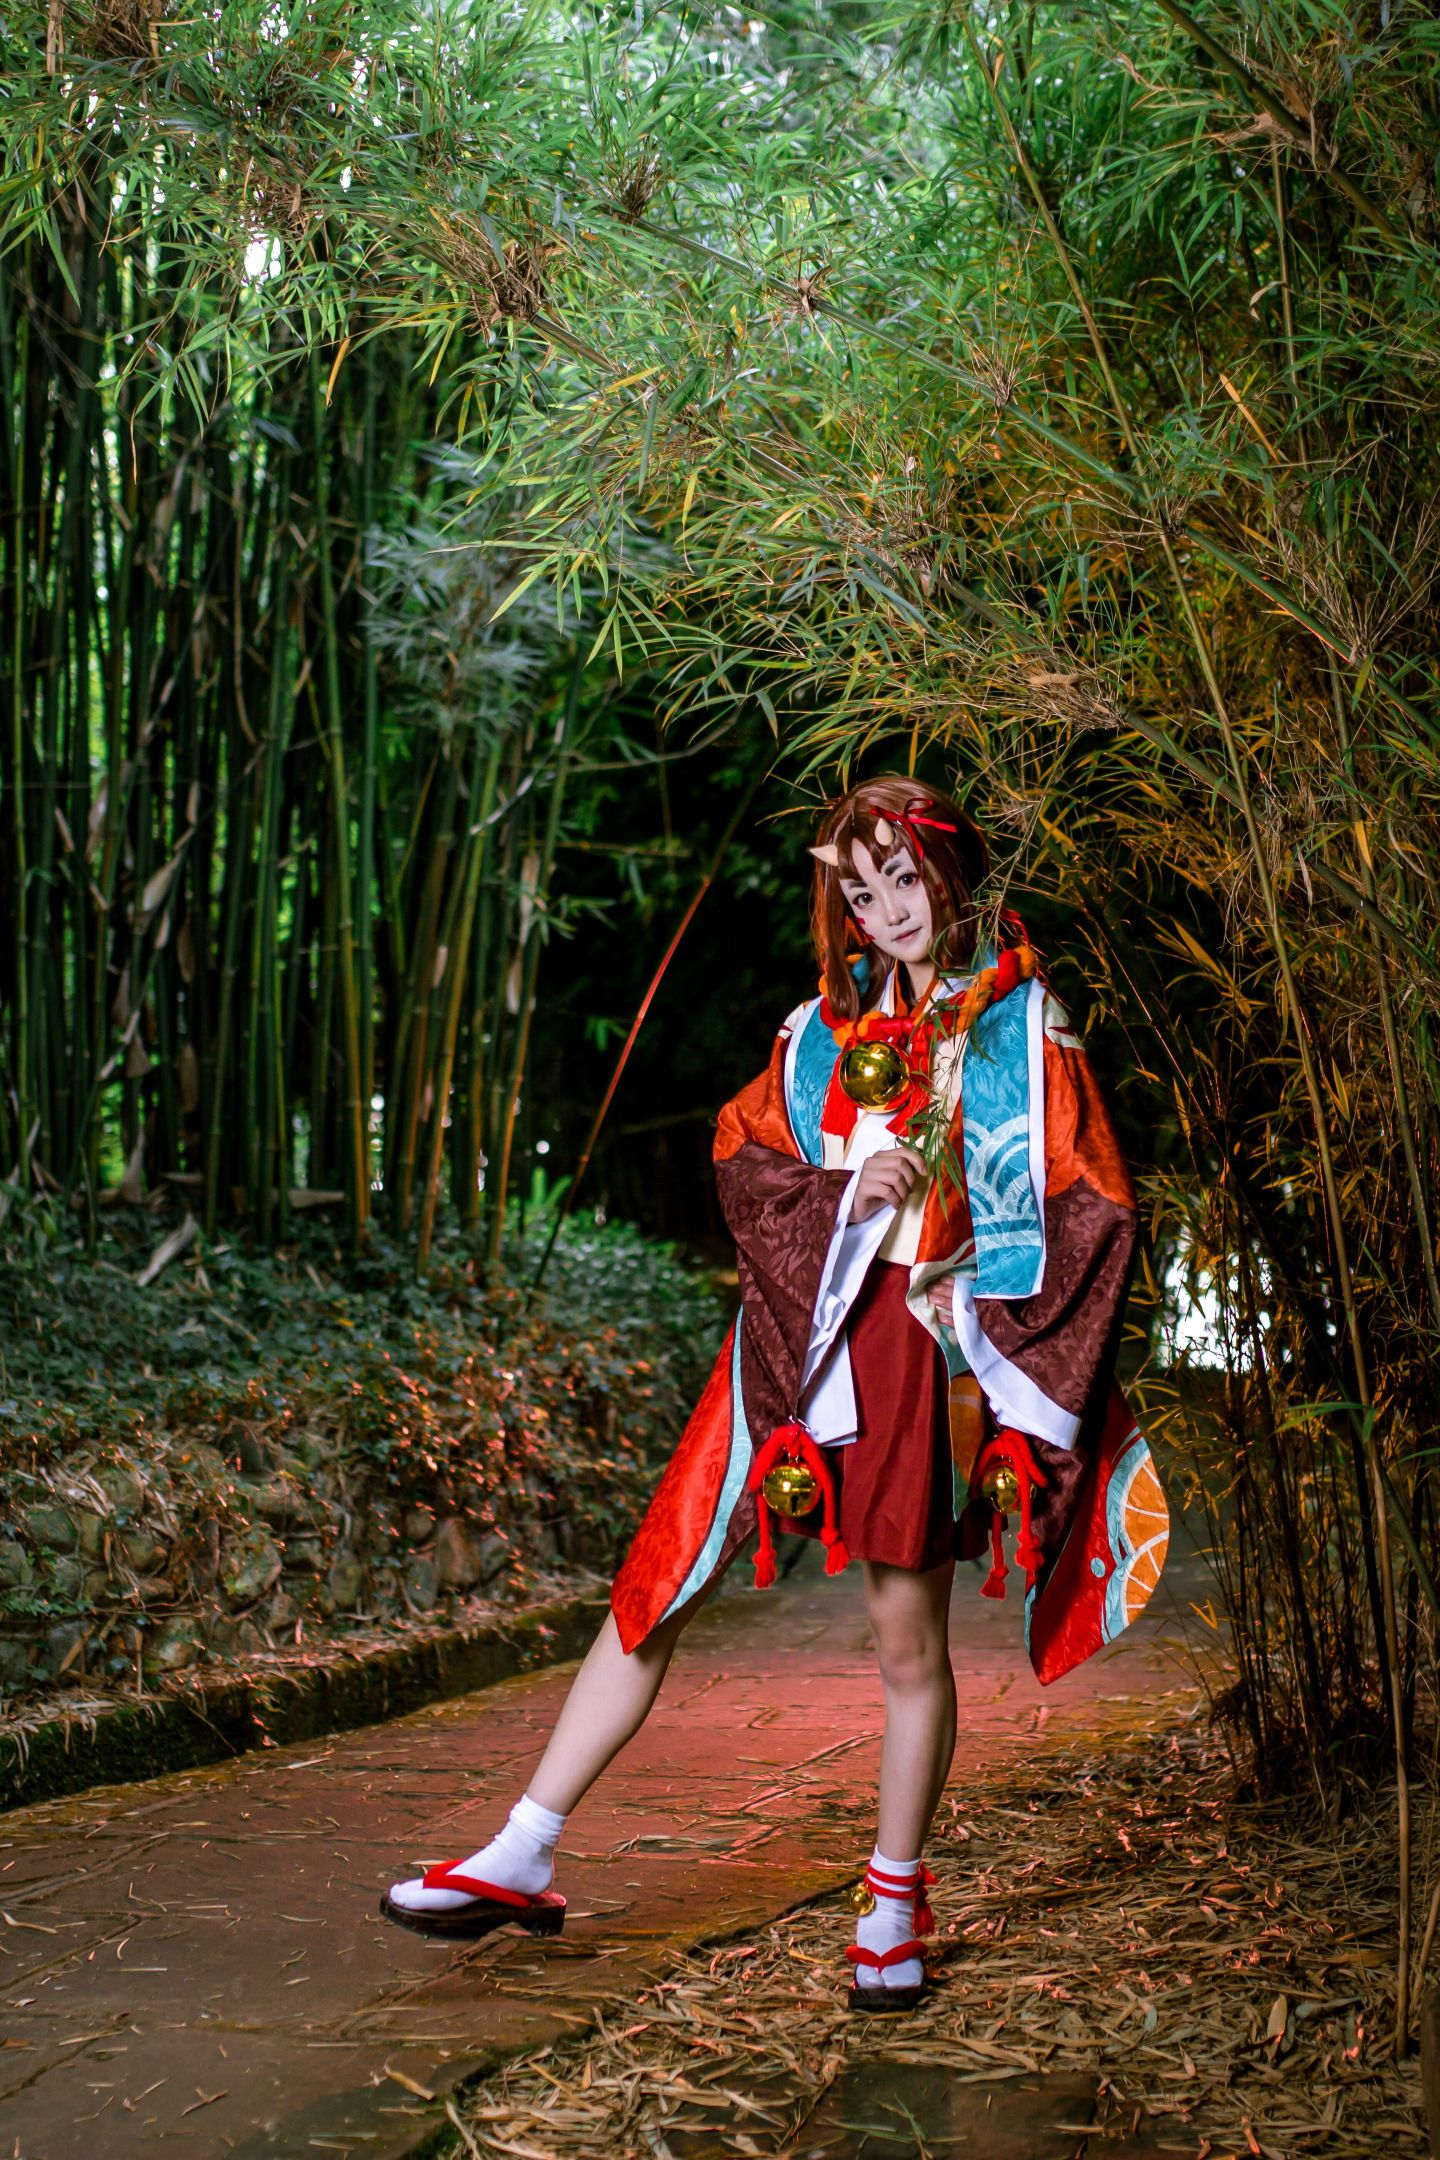 阴阳师座敷童子cosplay